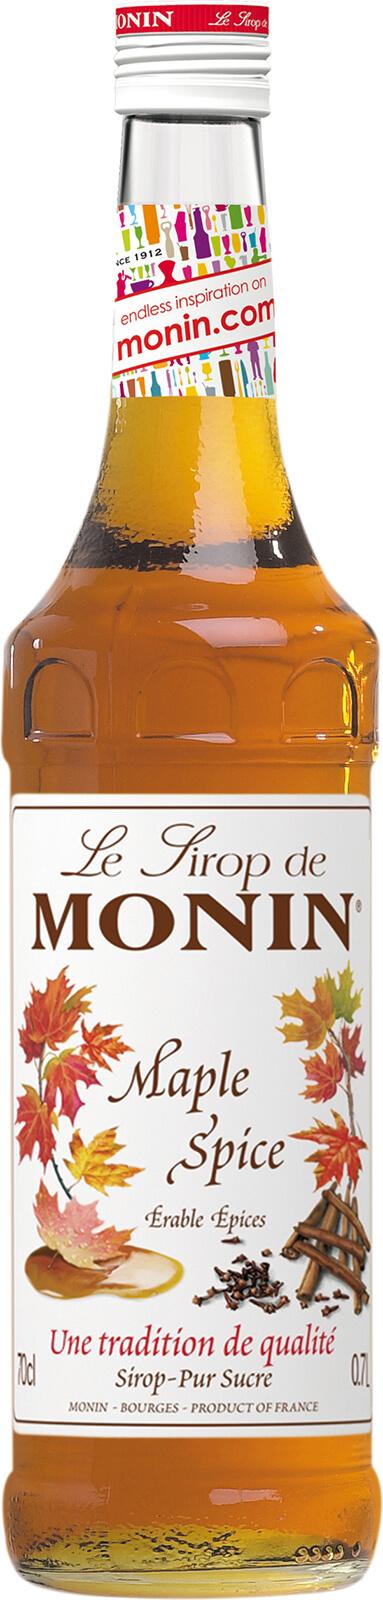 Monin Maple Spice (Gewürz Ahorn) Sirup 0,7 Liter, EUR 8,95